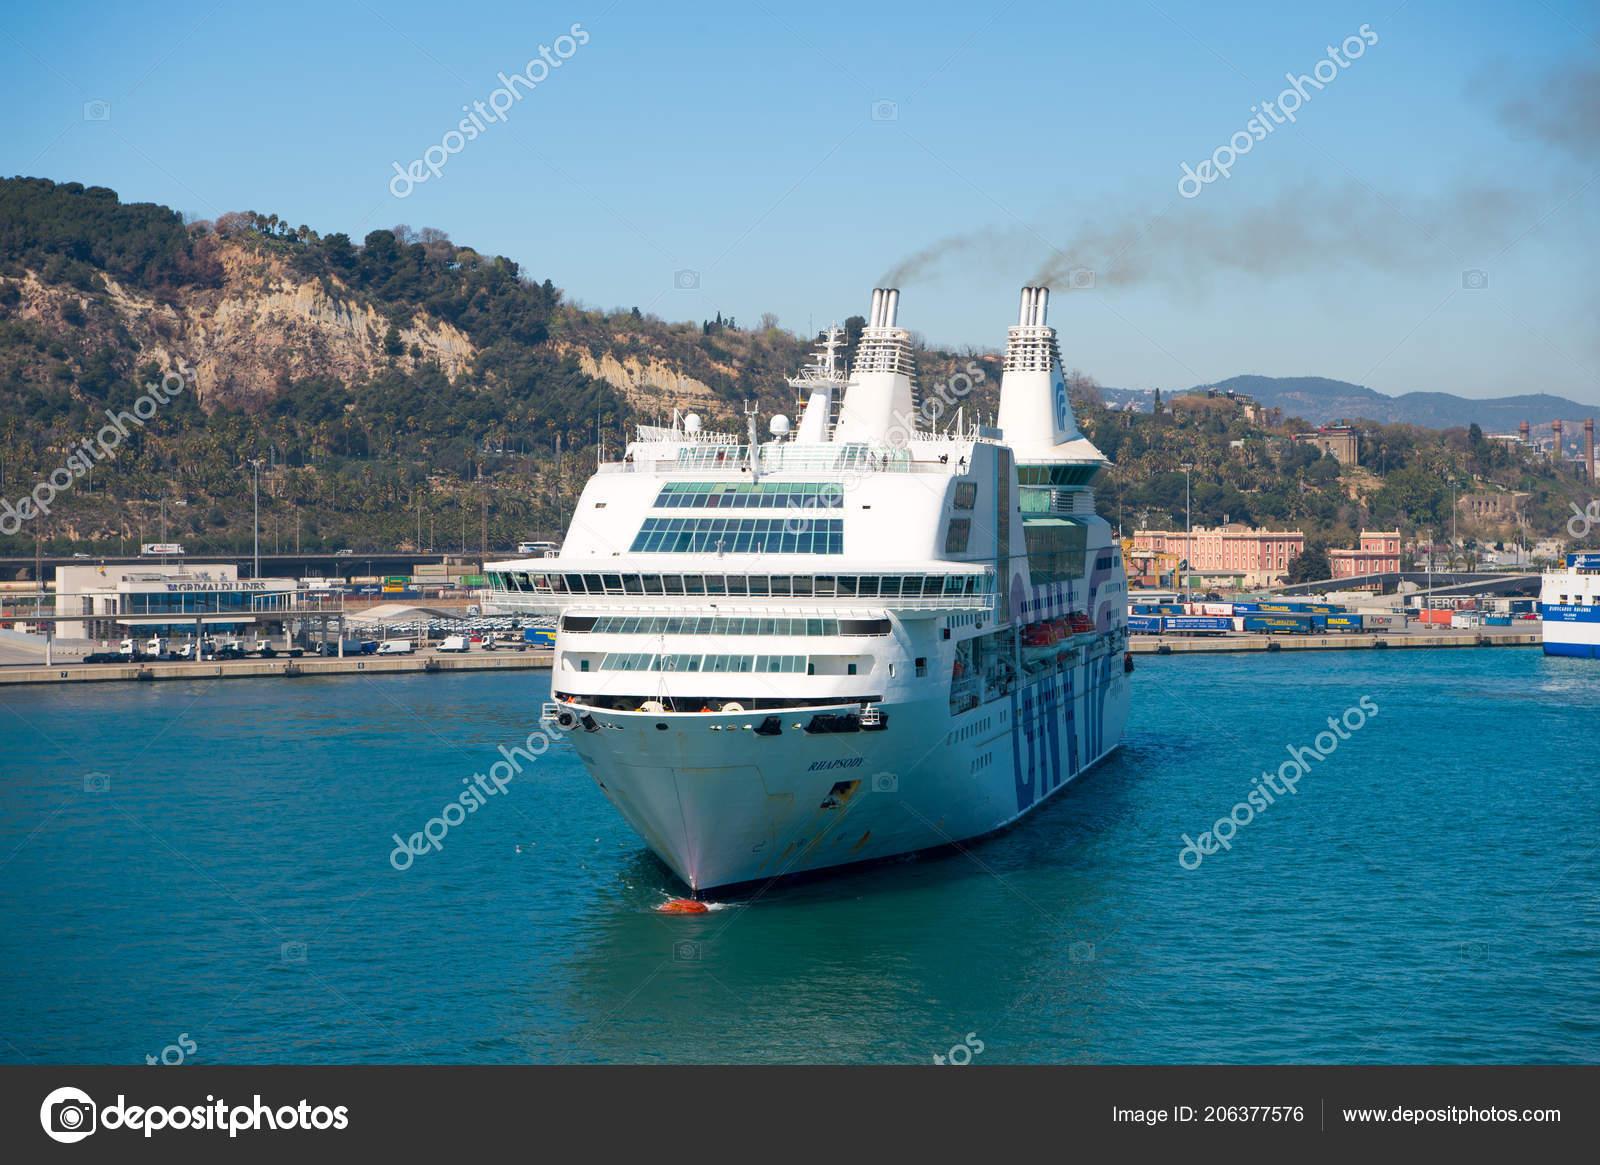 Voyage destination croisiere